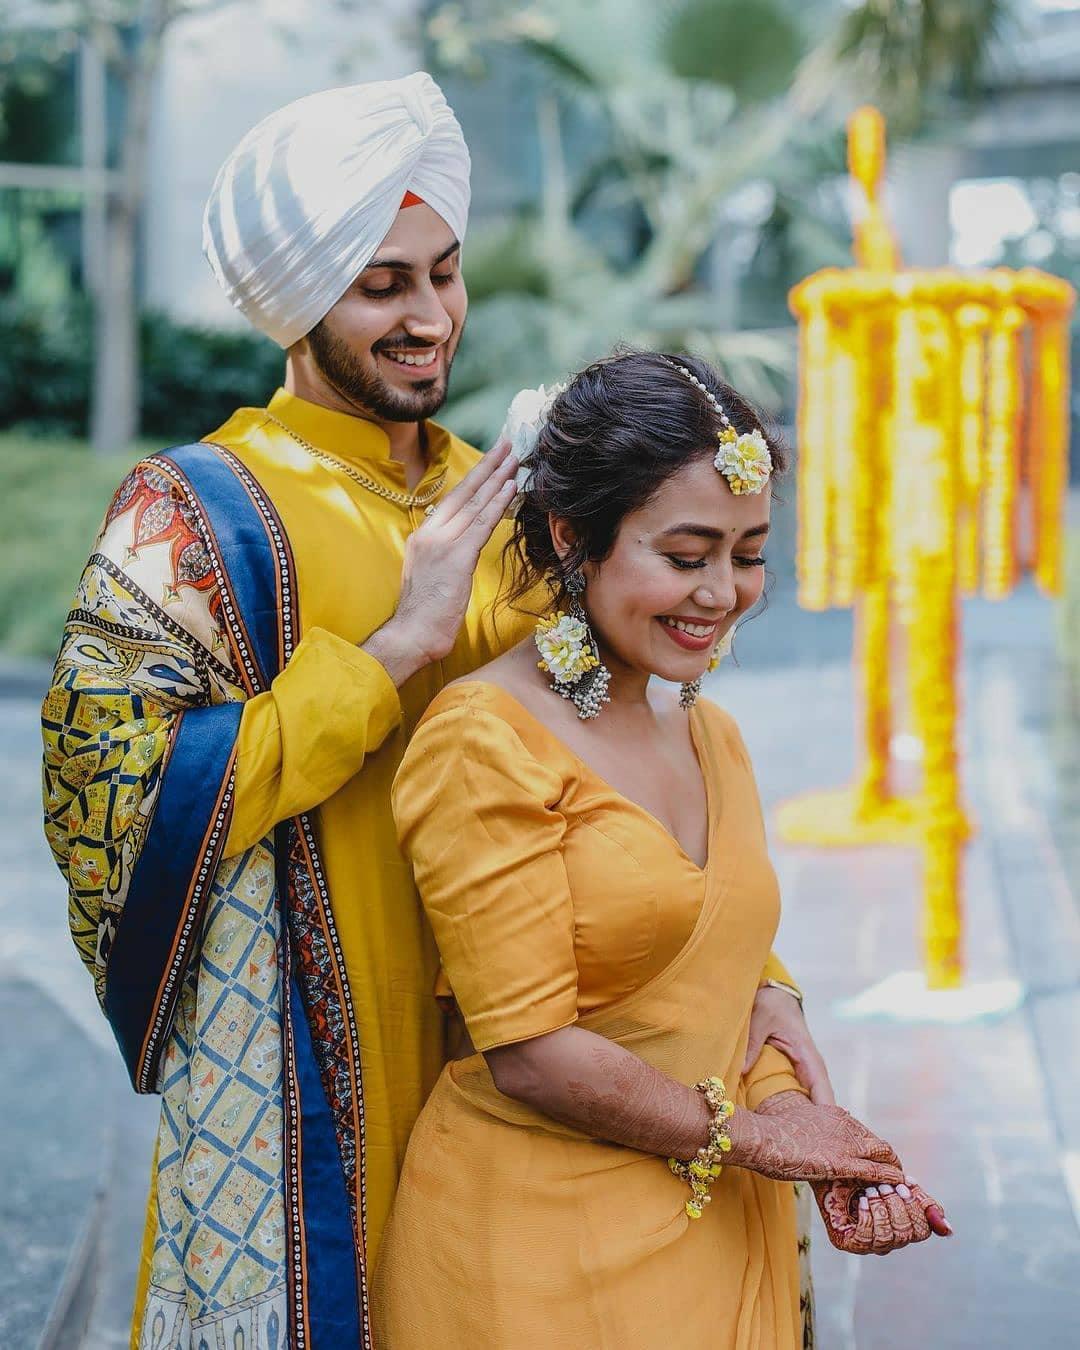 નેહા અને રોહનપ્રીત તેમના લગ્નની શરૂઆતી વિધિઓ એકબીજામાં તરબોળ દેખાઇ રહ્યા હતા. અને બંને સાથે ખૂબ ખુશ દેખાઈ રહ્યા છે. ફોટામાં તેમની ખુશી જોઈને ચાહકોના ચહેરા પર પણ સ્માઇલ આવી ગઇ છે. (Photo Credit- @nehakakkar/Instagram)